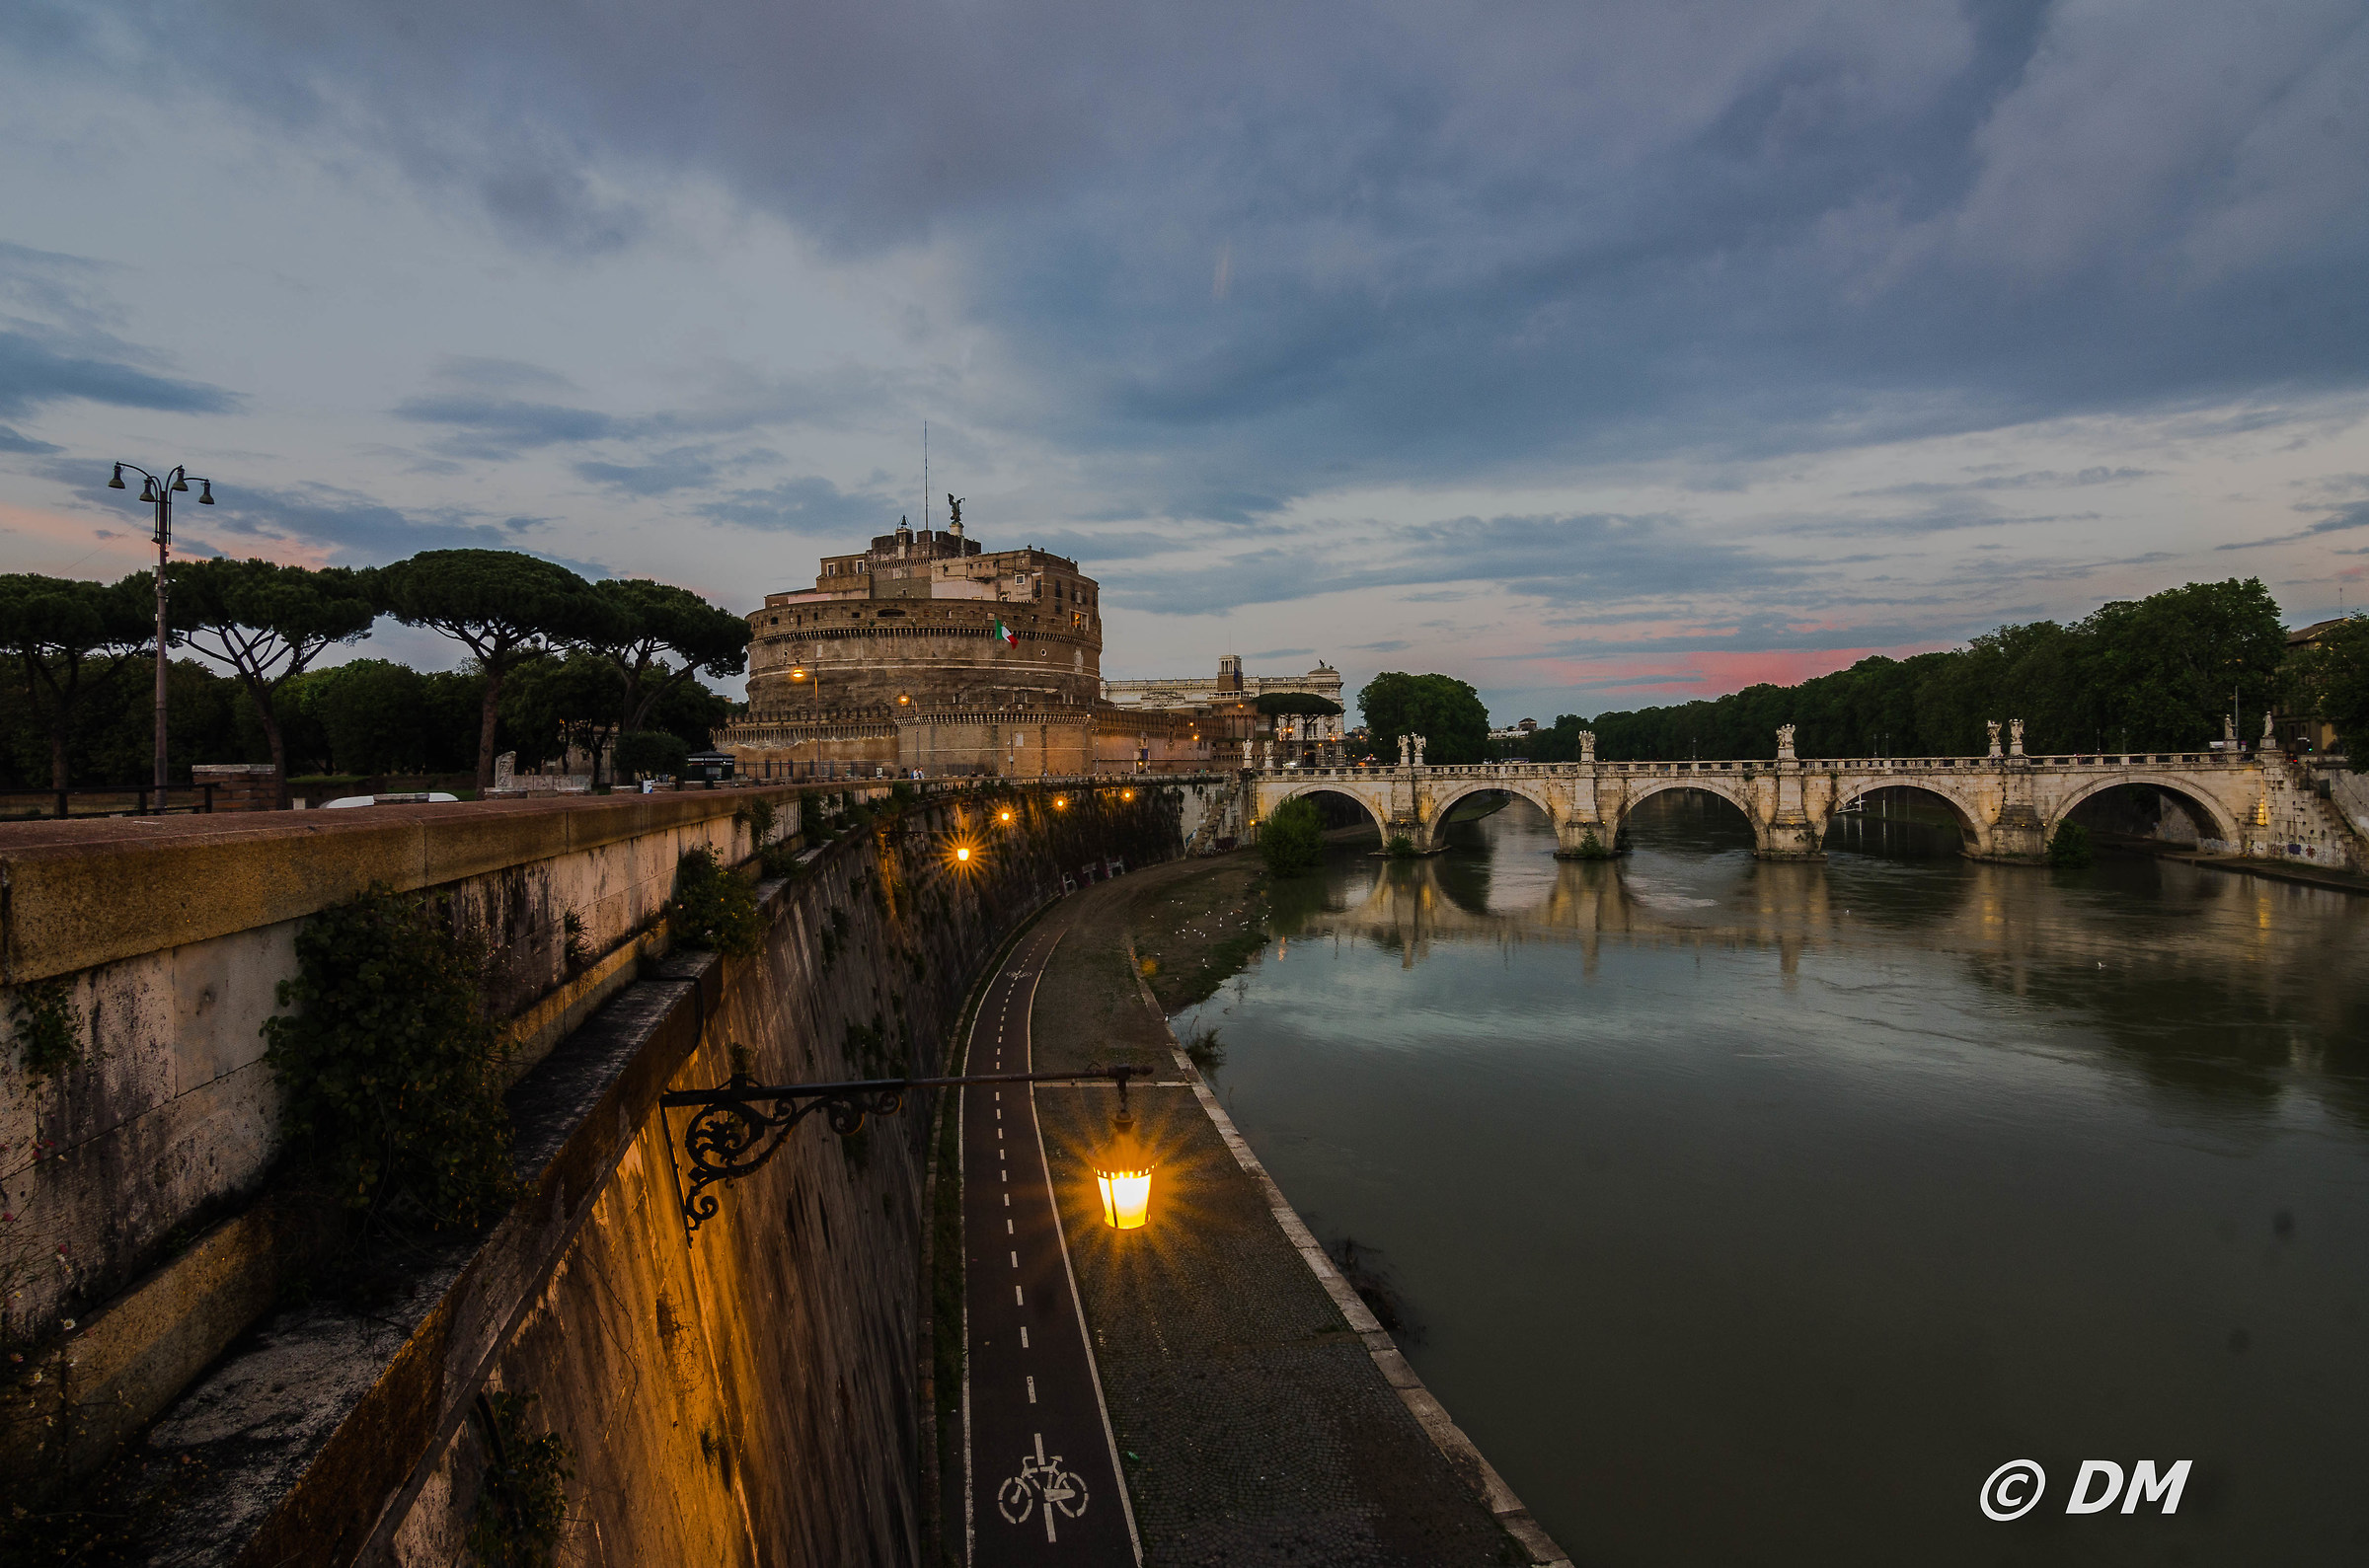 The Tiber at dusk...